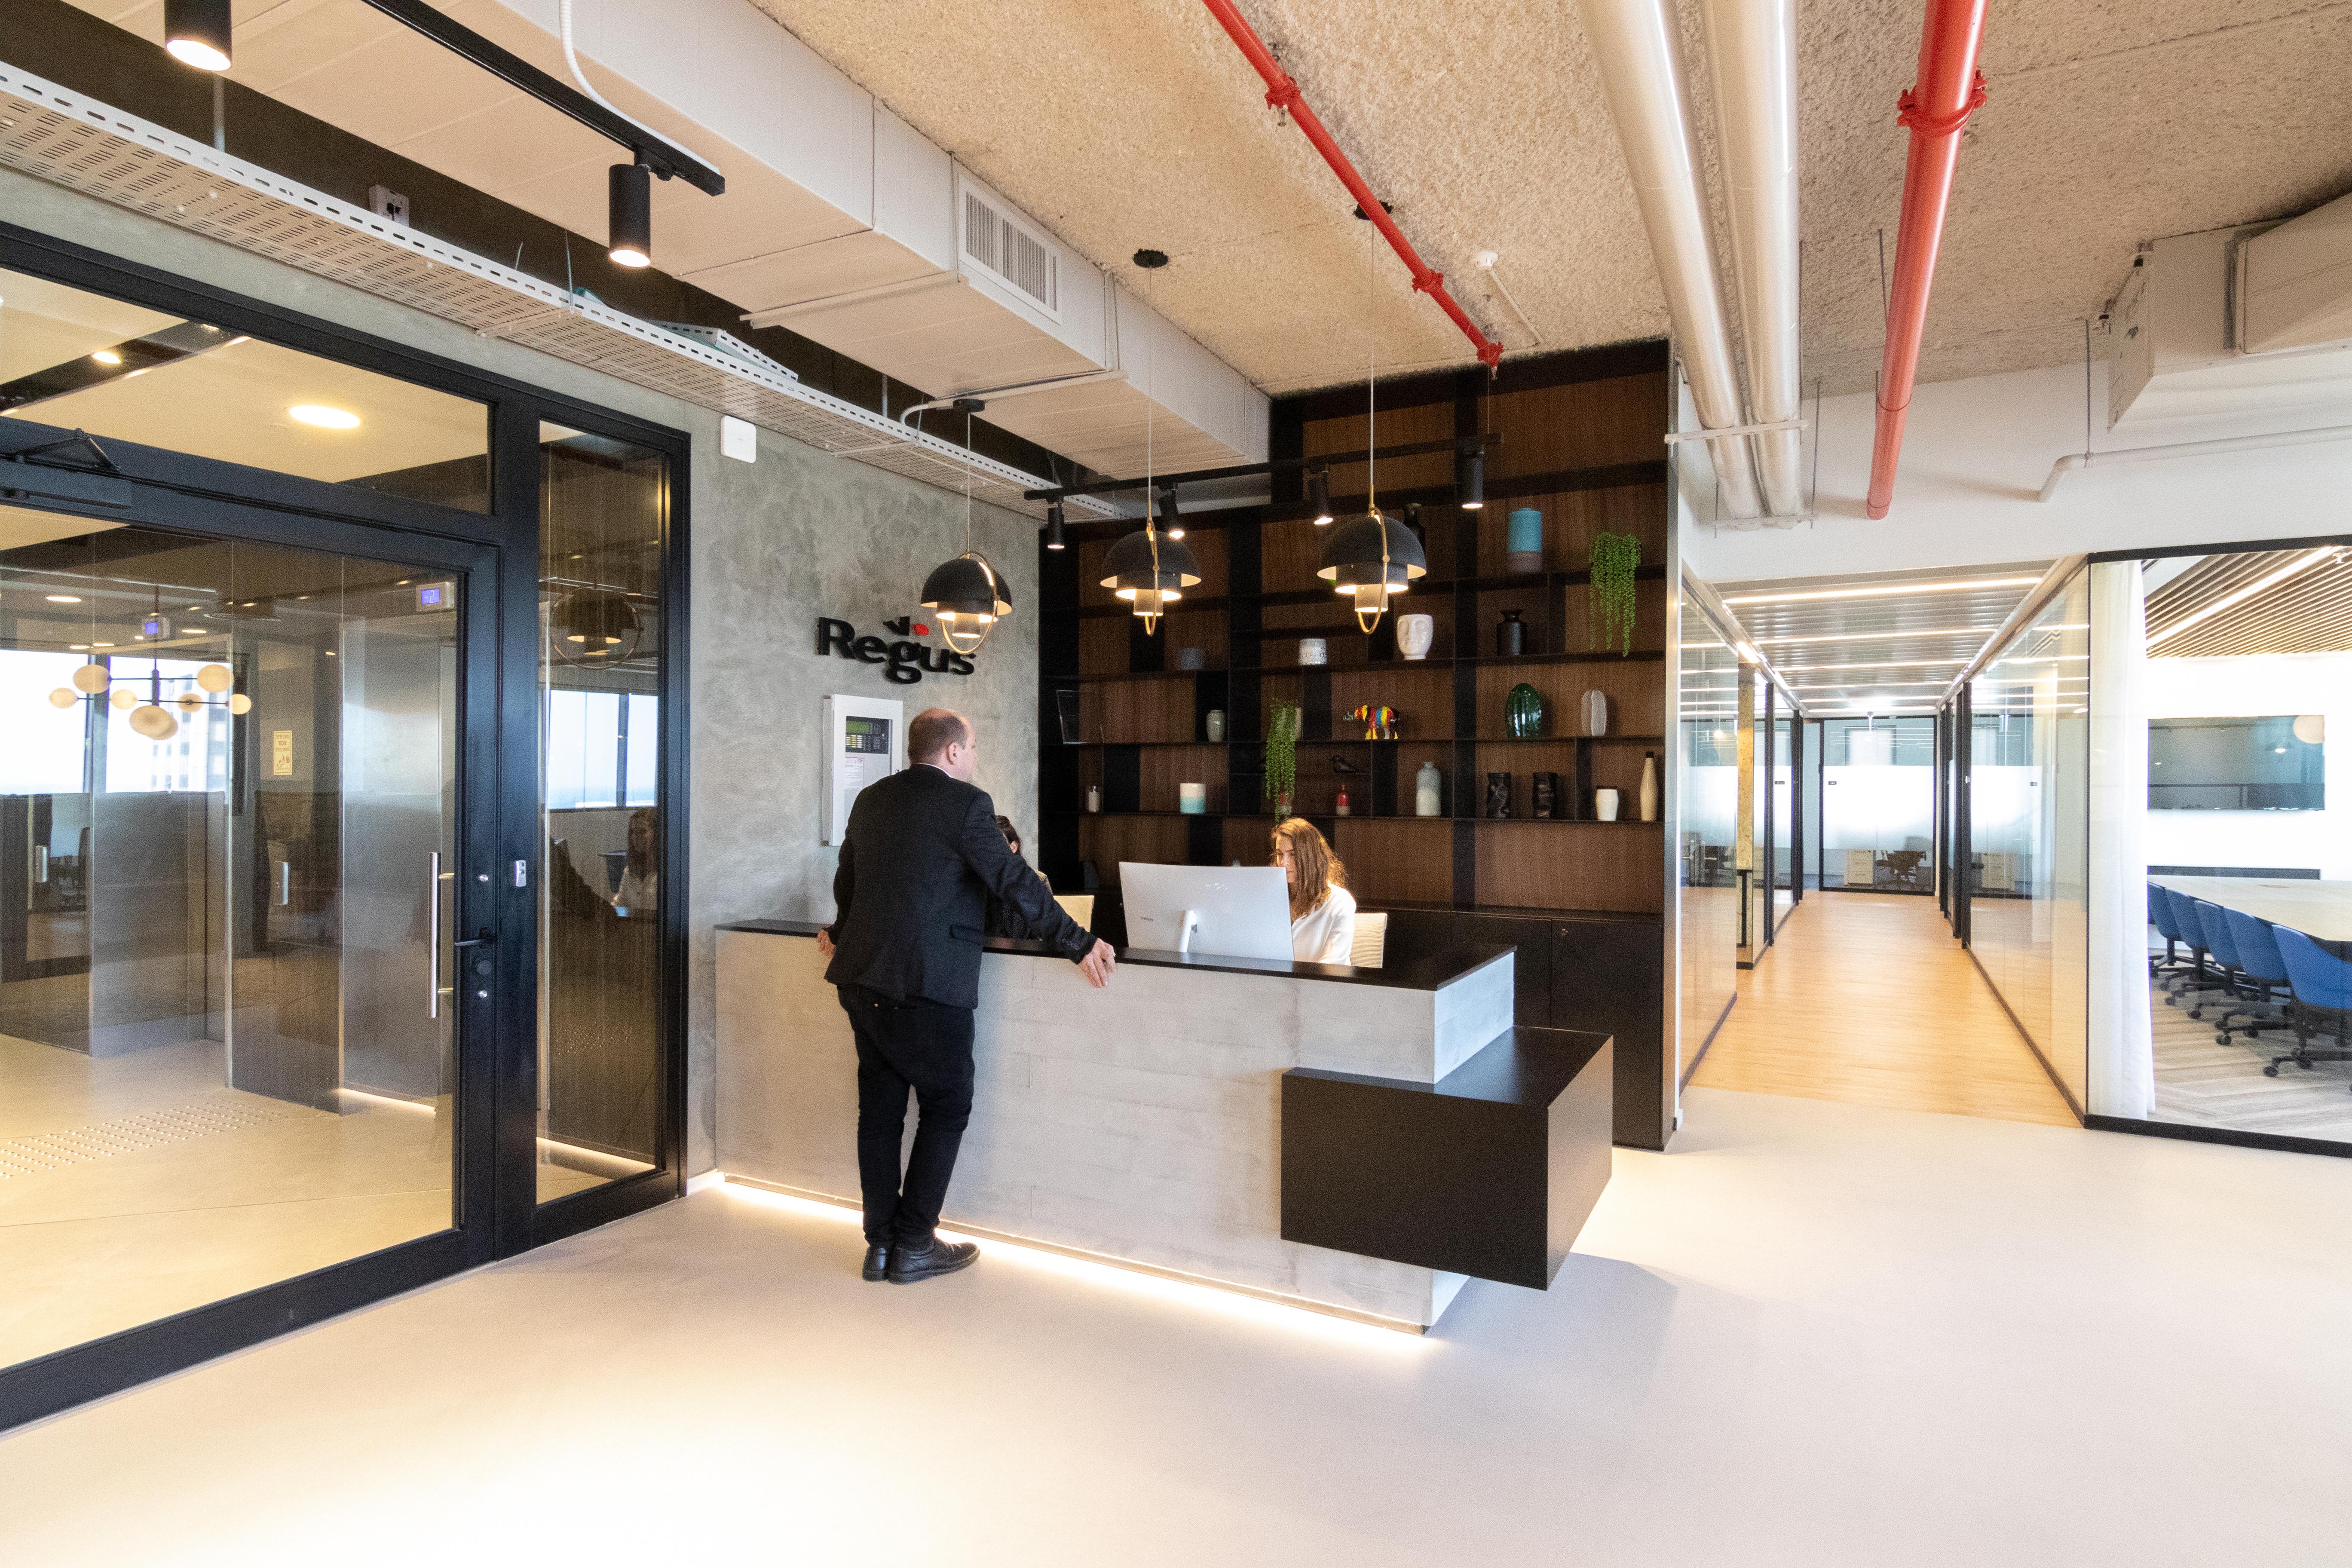 Regus - Haifa, Pal- Yam Business Centre LTD